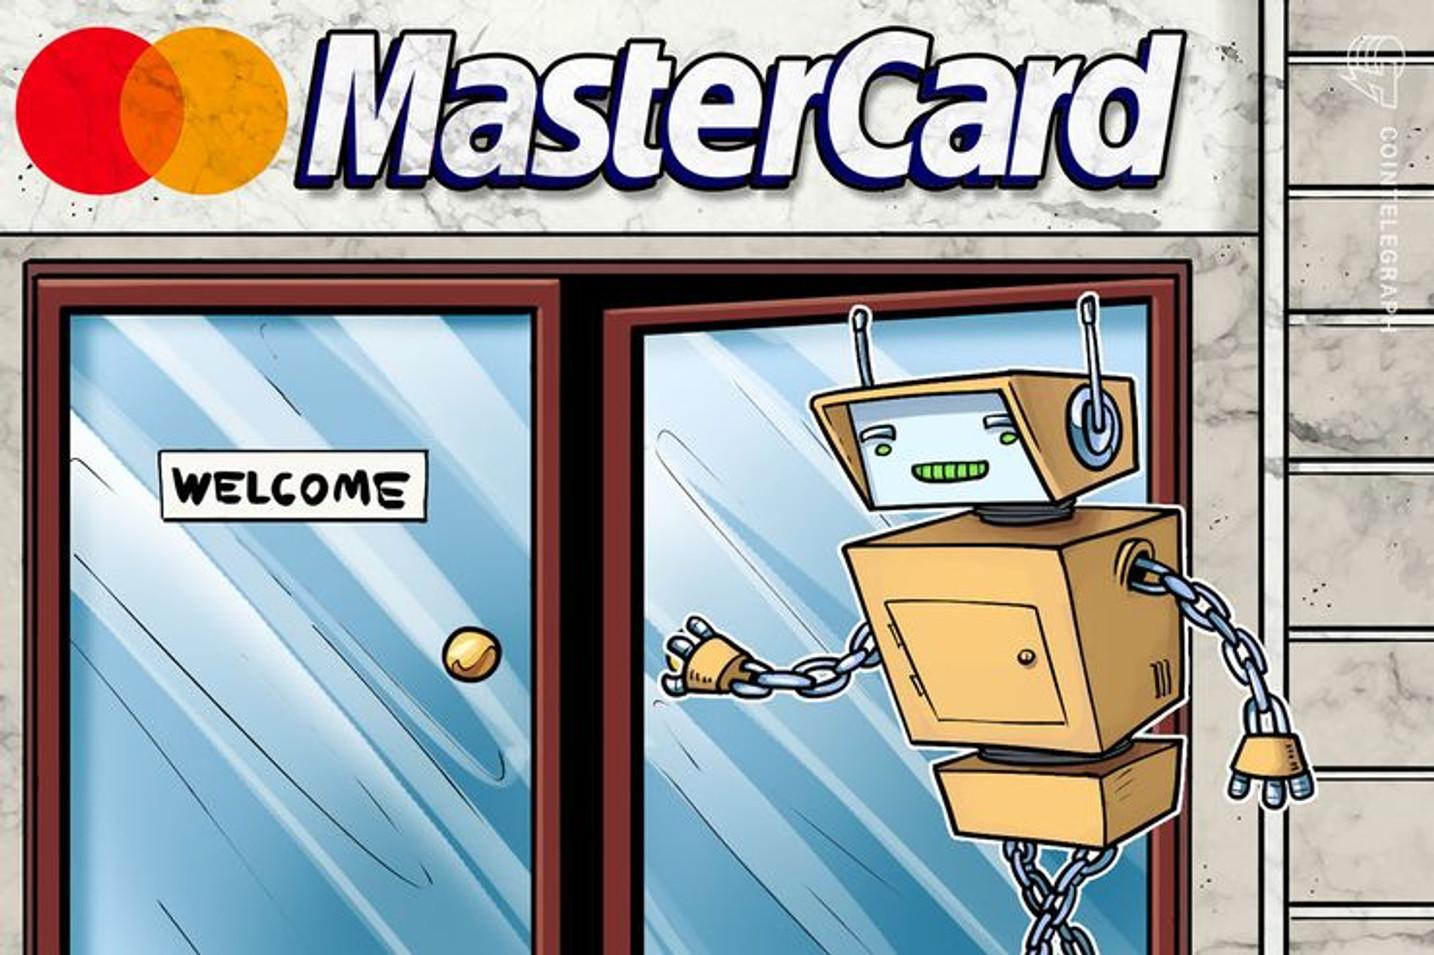 Mastercard hace alianza con cinco compañías para acelerar inclusión financiera en Latinoamérica